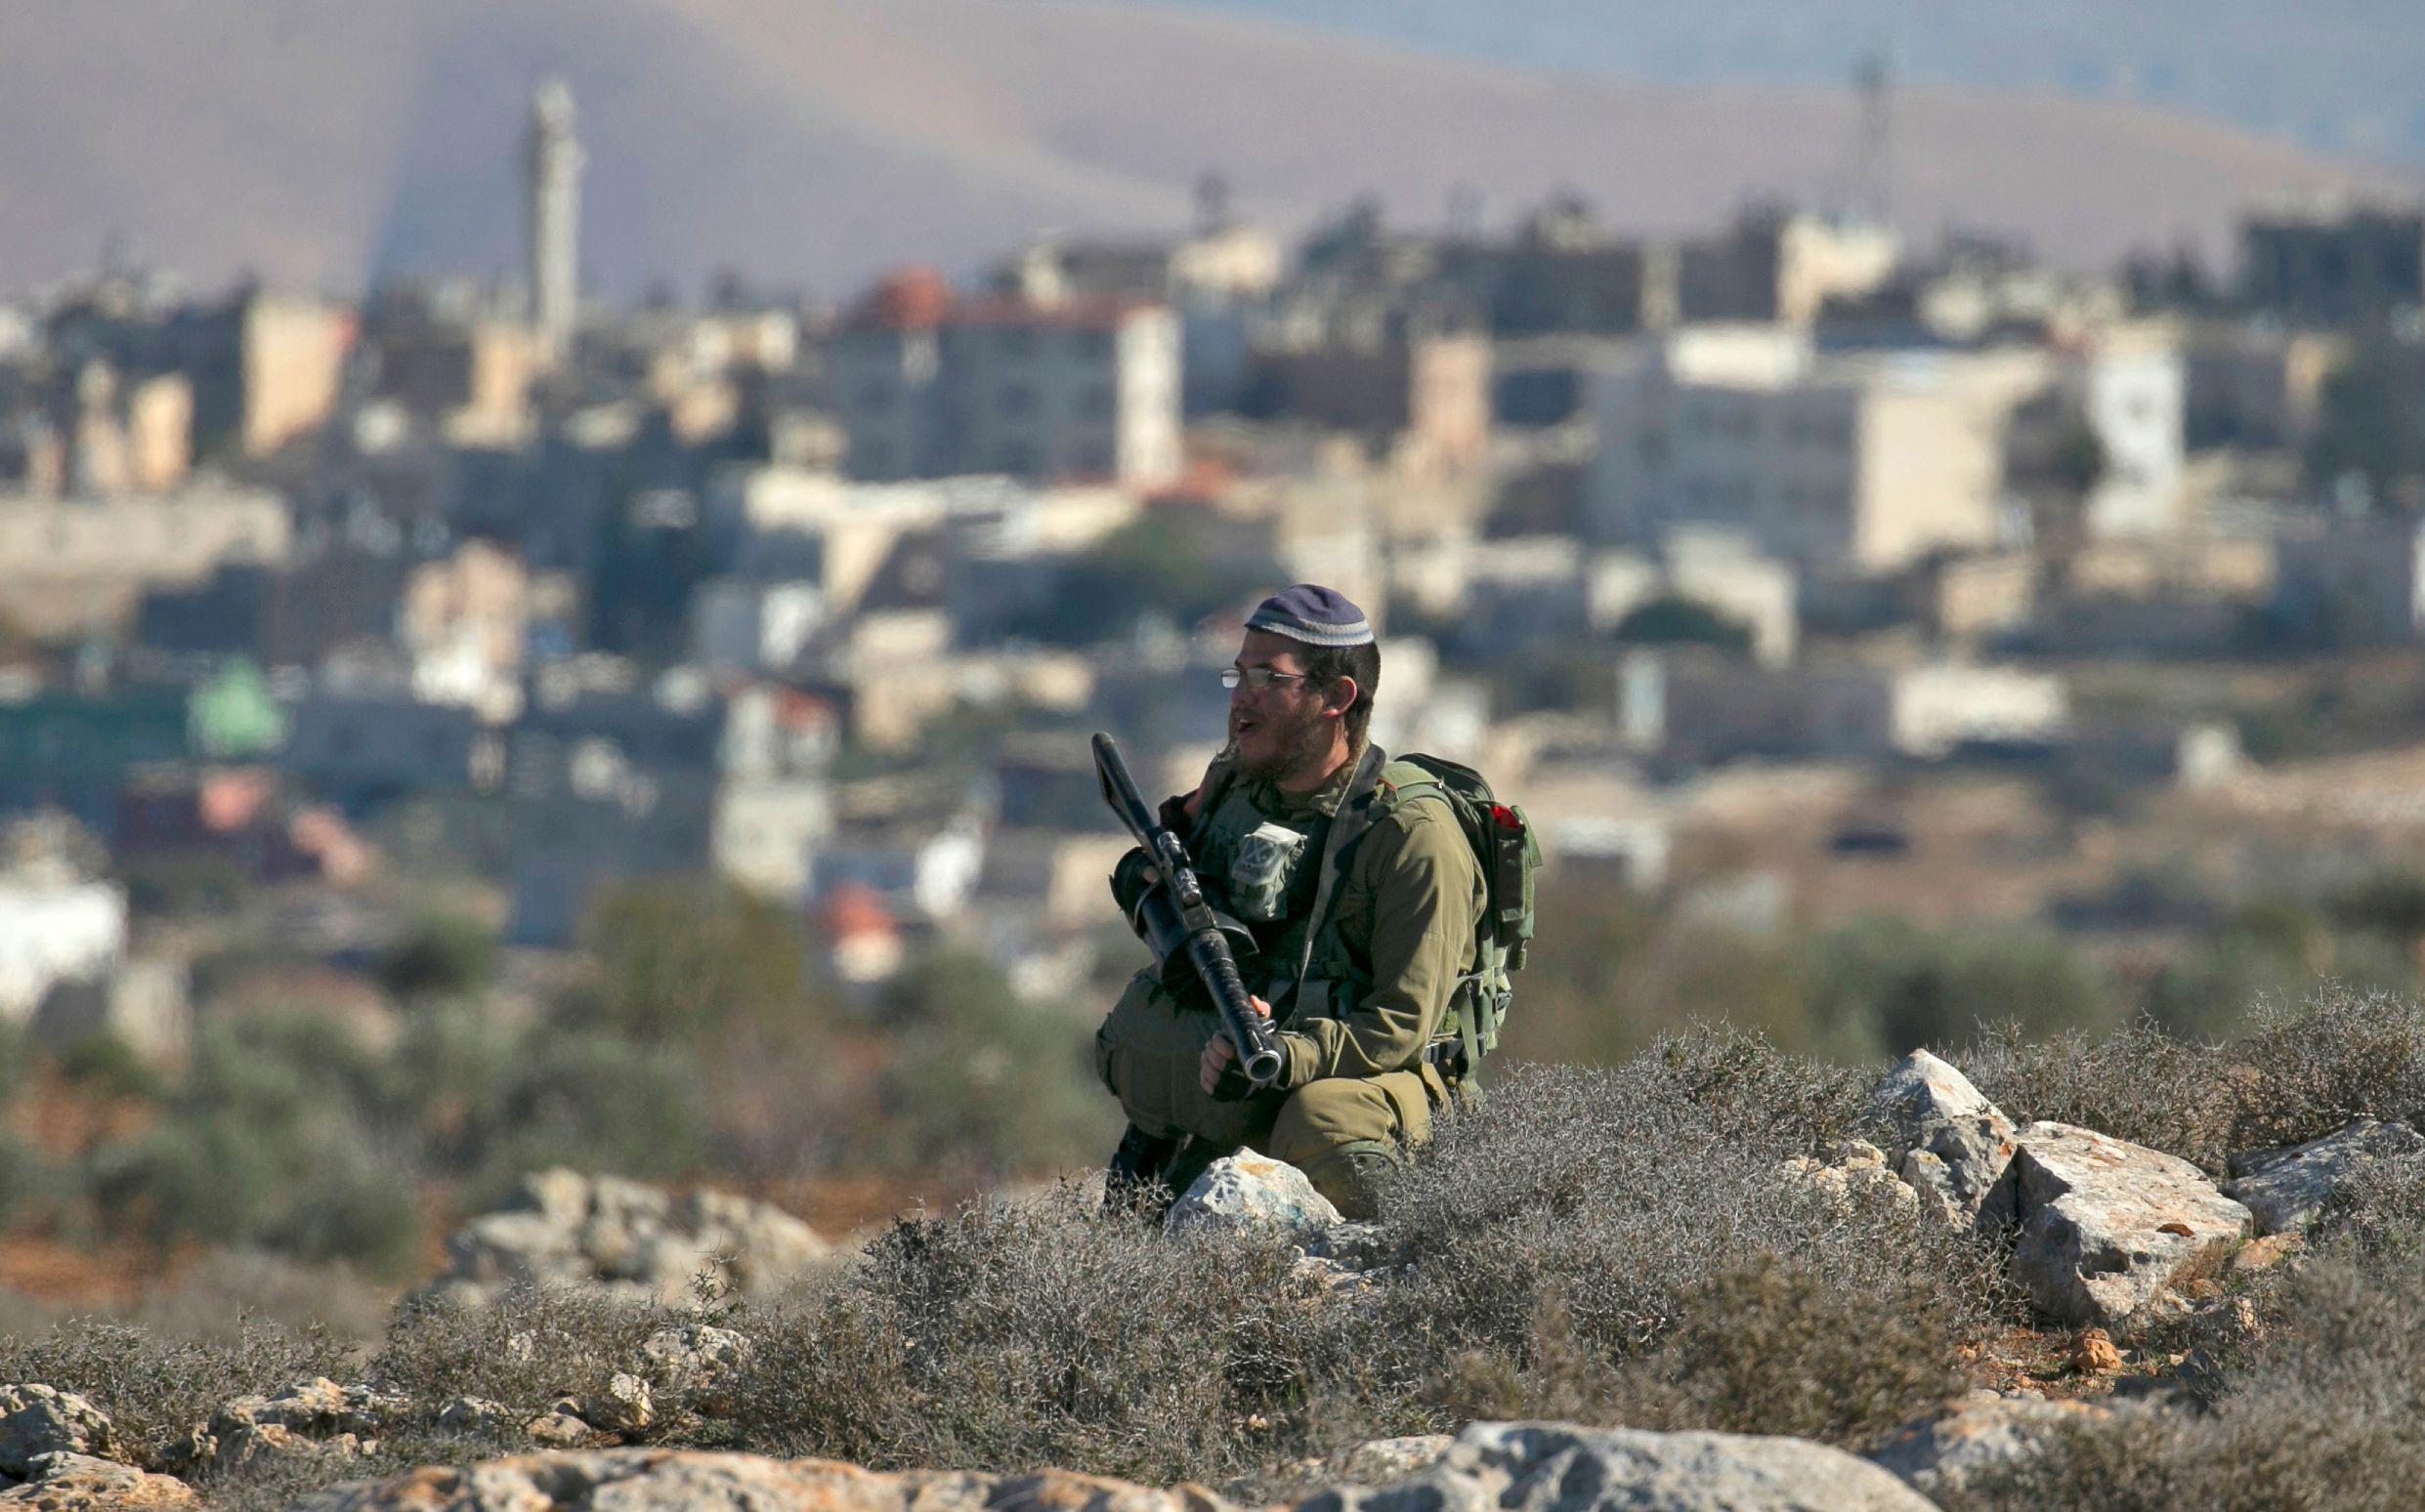 أحد قوات الاحتلال الإسرائيلى